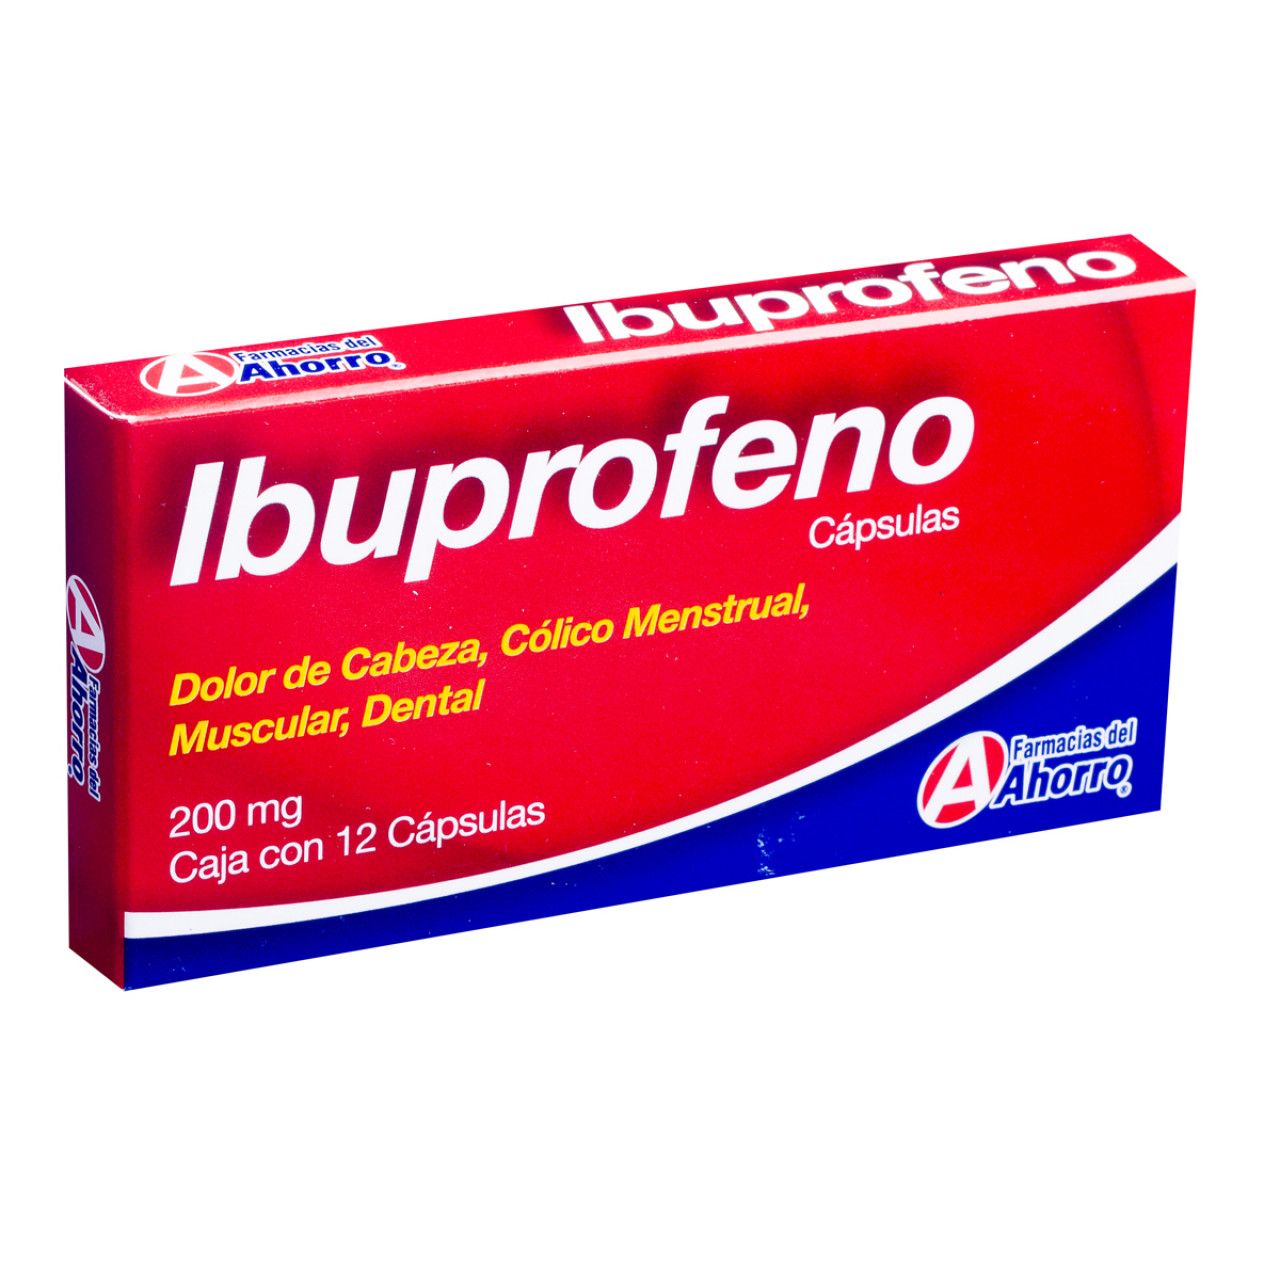 Ibuprofeno | Para qué Sirve? | Dosis | Precio | Fórmula y